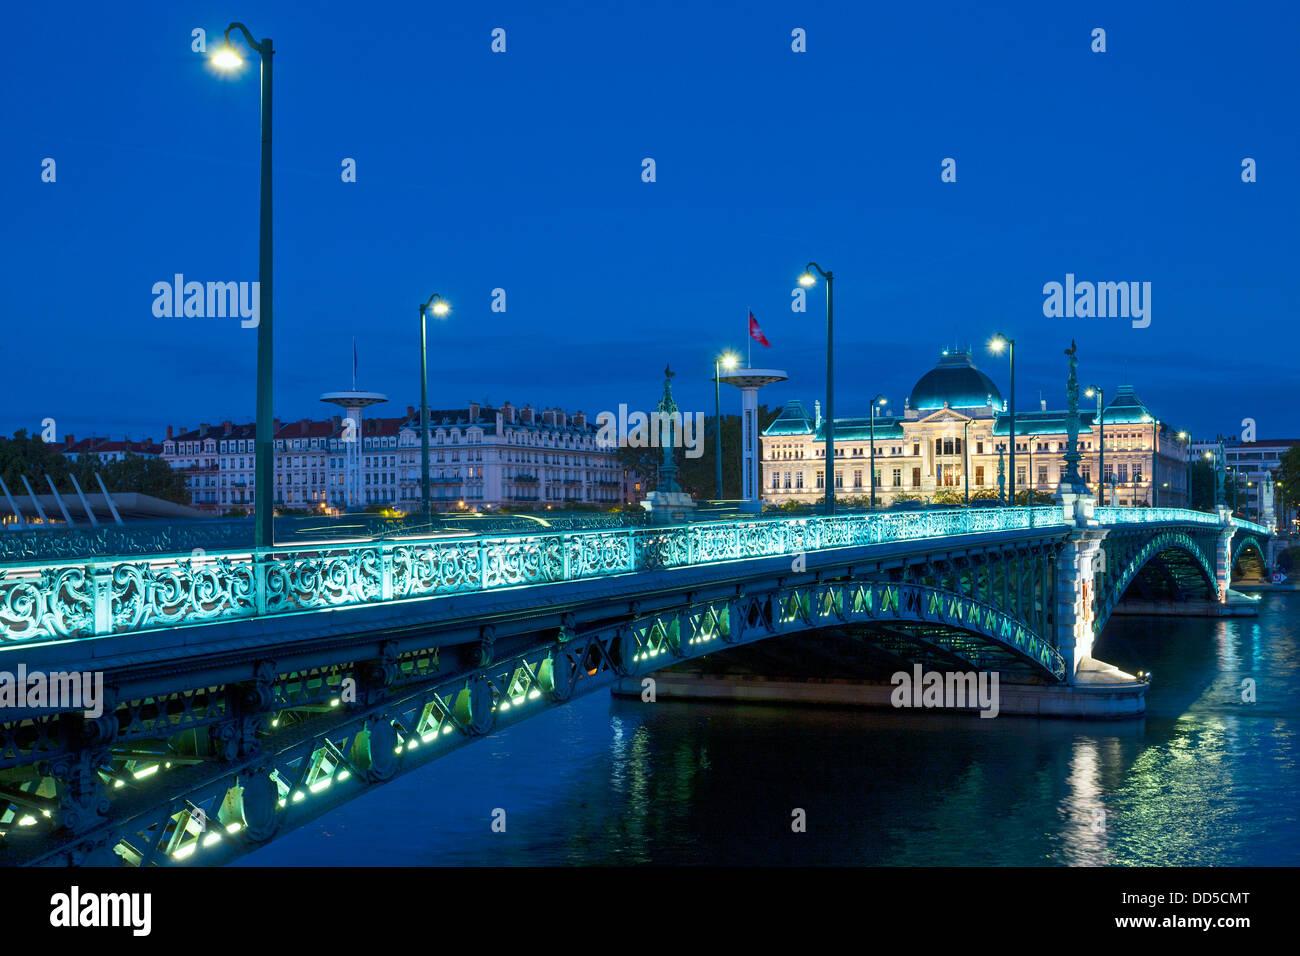 Blick auf die berühmte Brücke und der Universität in Lyon bei Nacht Stockbild